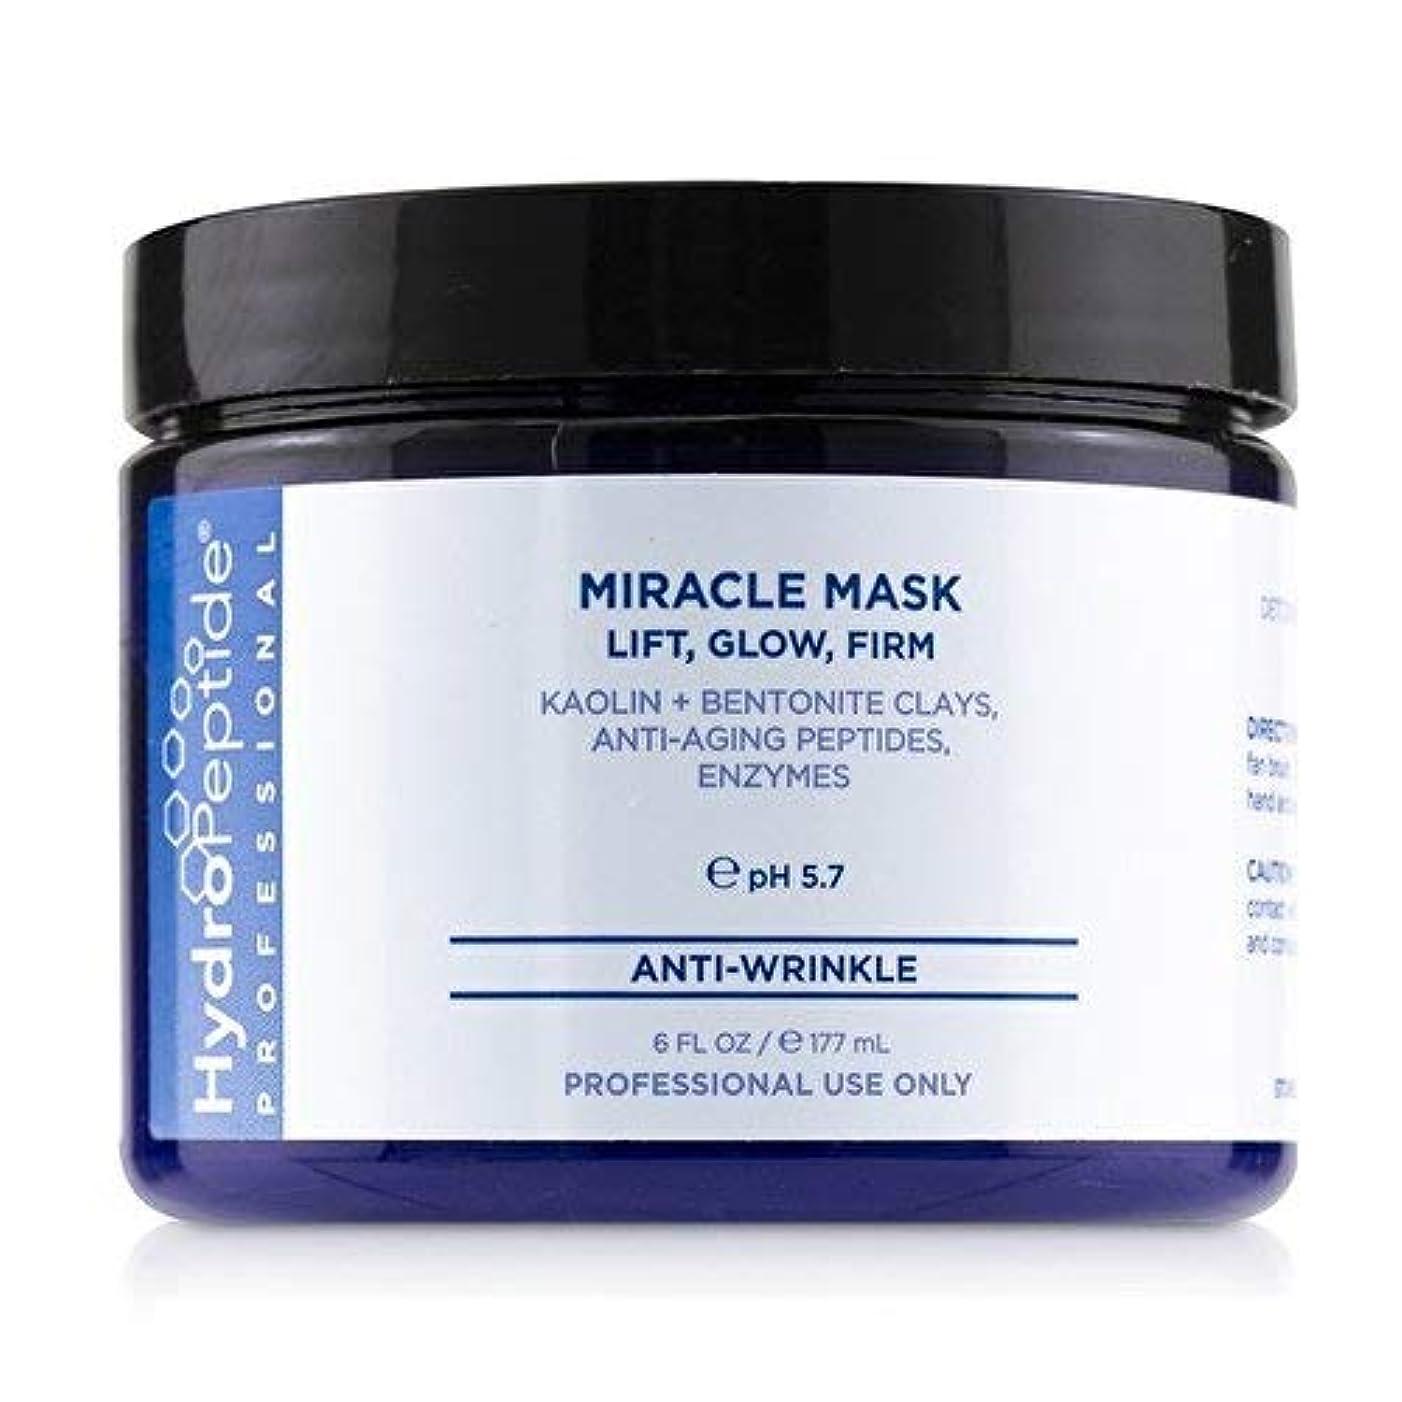 踊り子インシュレータ対話ハイドロペプチド Miracle Mask - Lift, Glow, Firm (pH 5.7) (Salon Size) 177ml/6oz並行輸入品